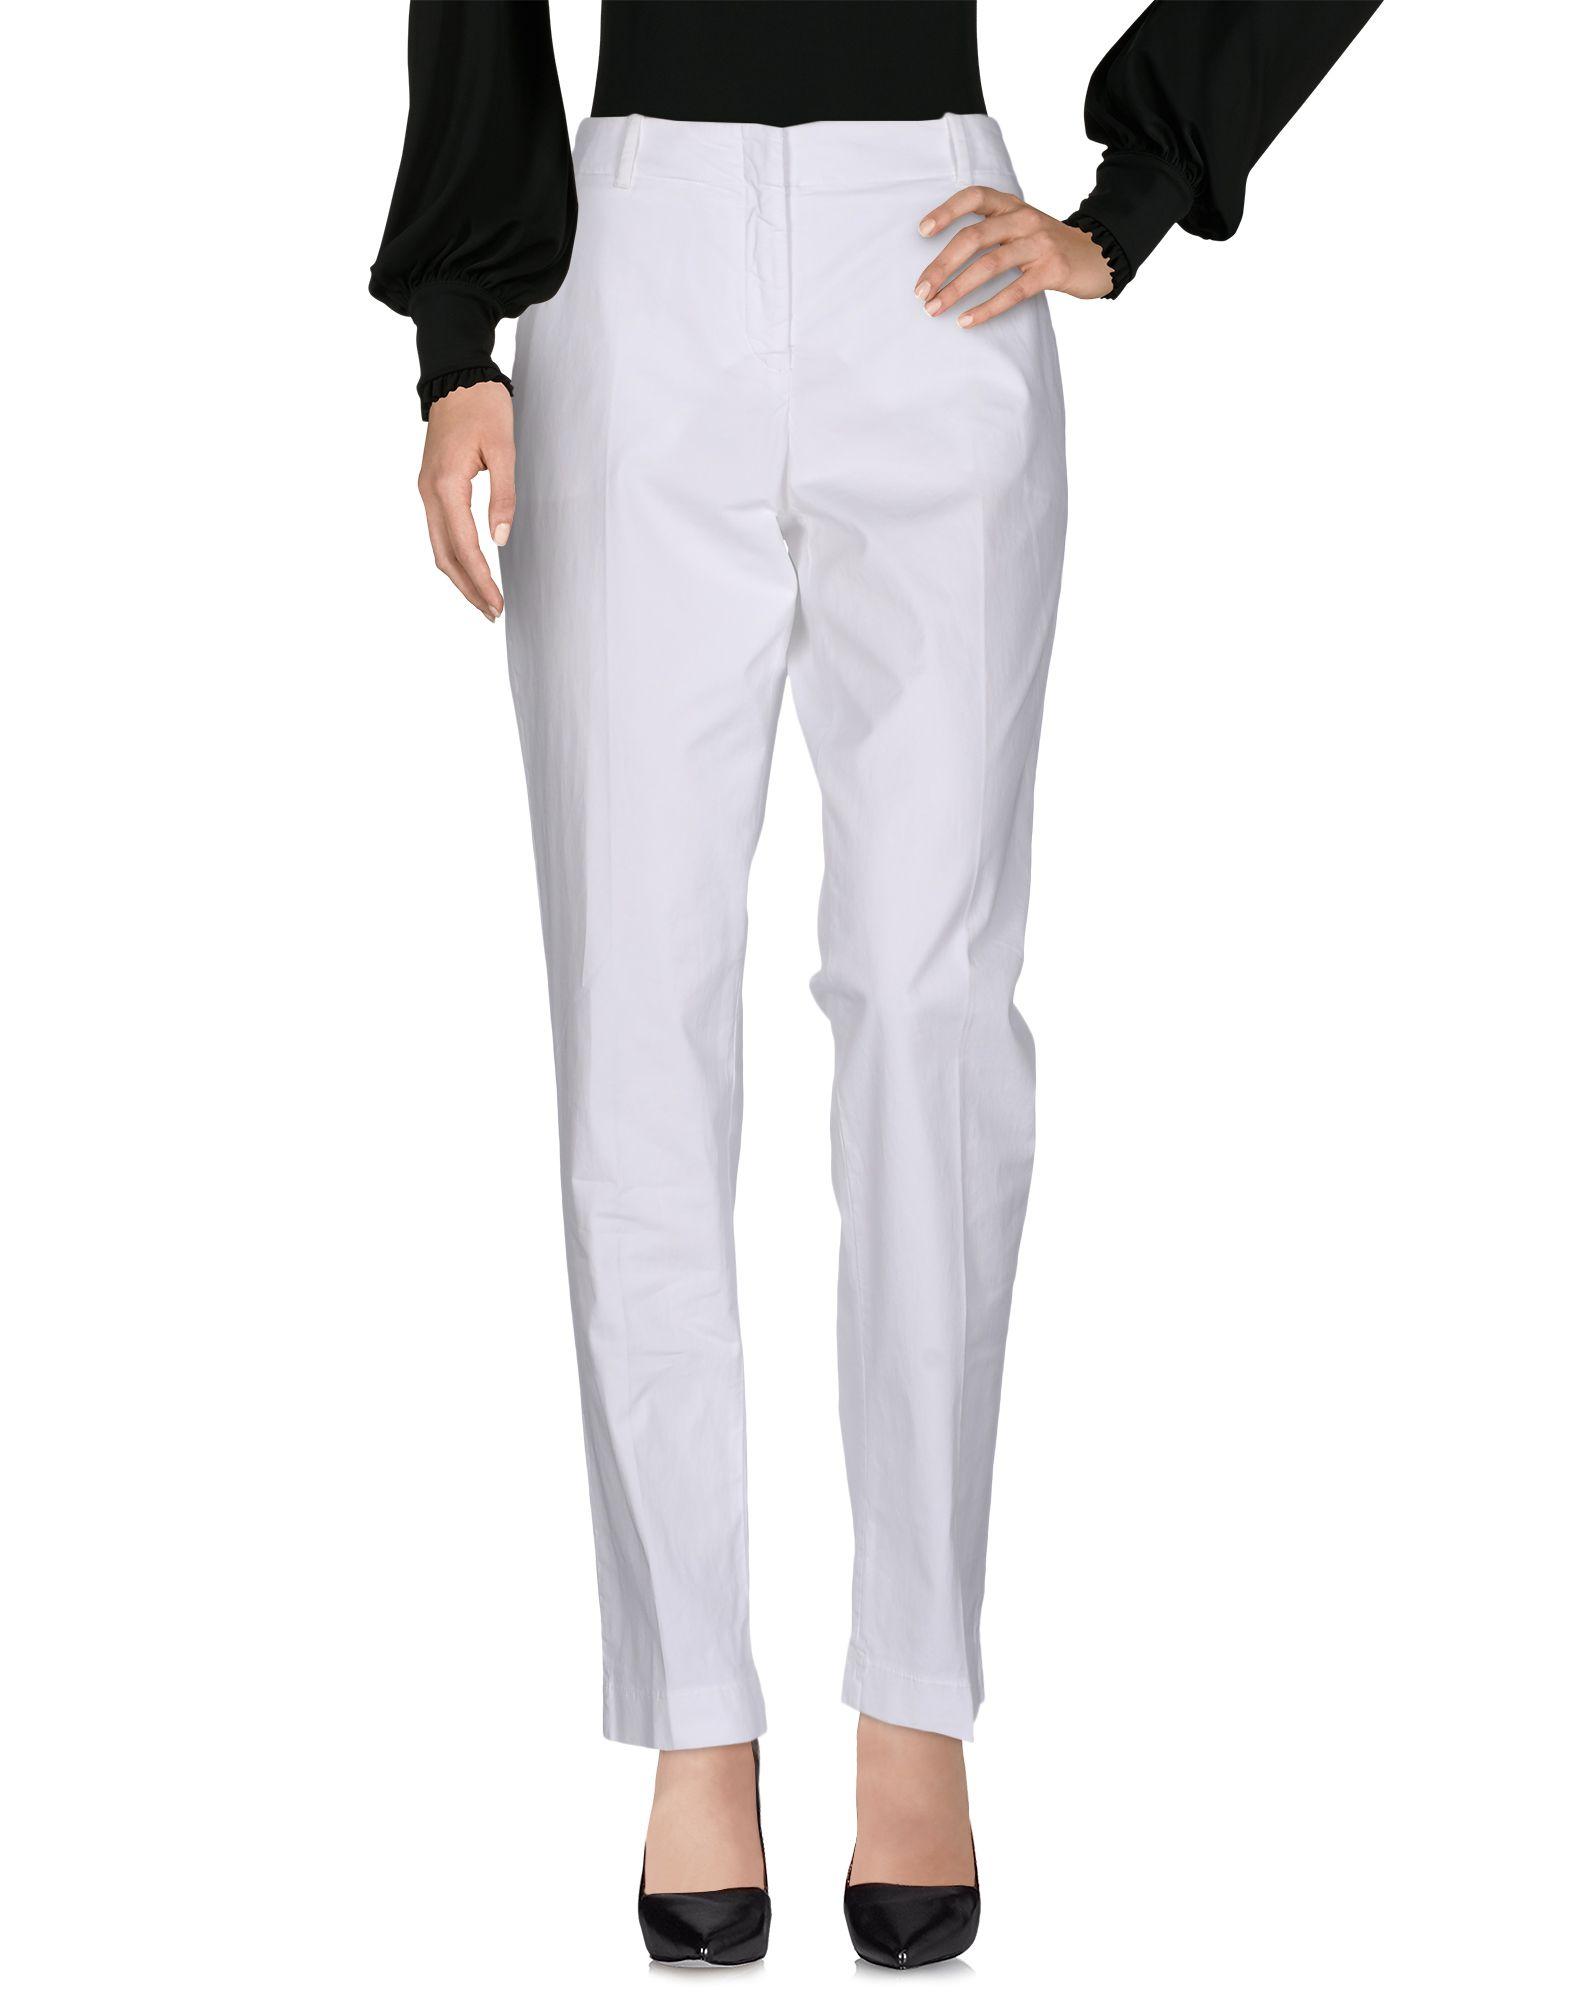 INCOTEX Damen Hose Farbe Weiß Größe 8 - broschei